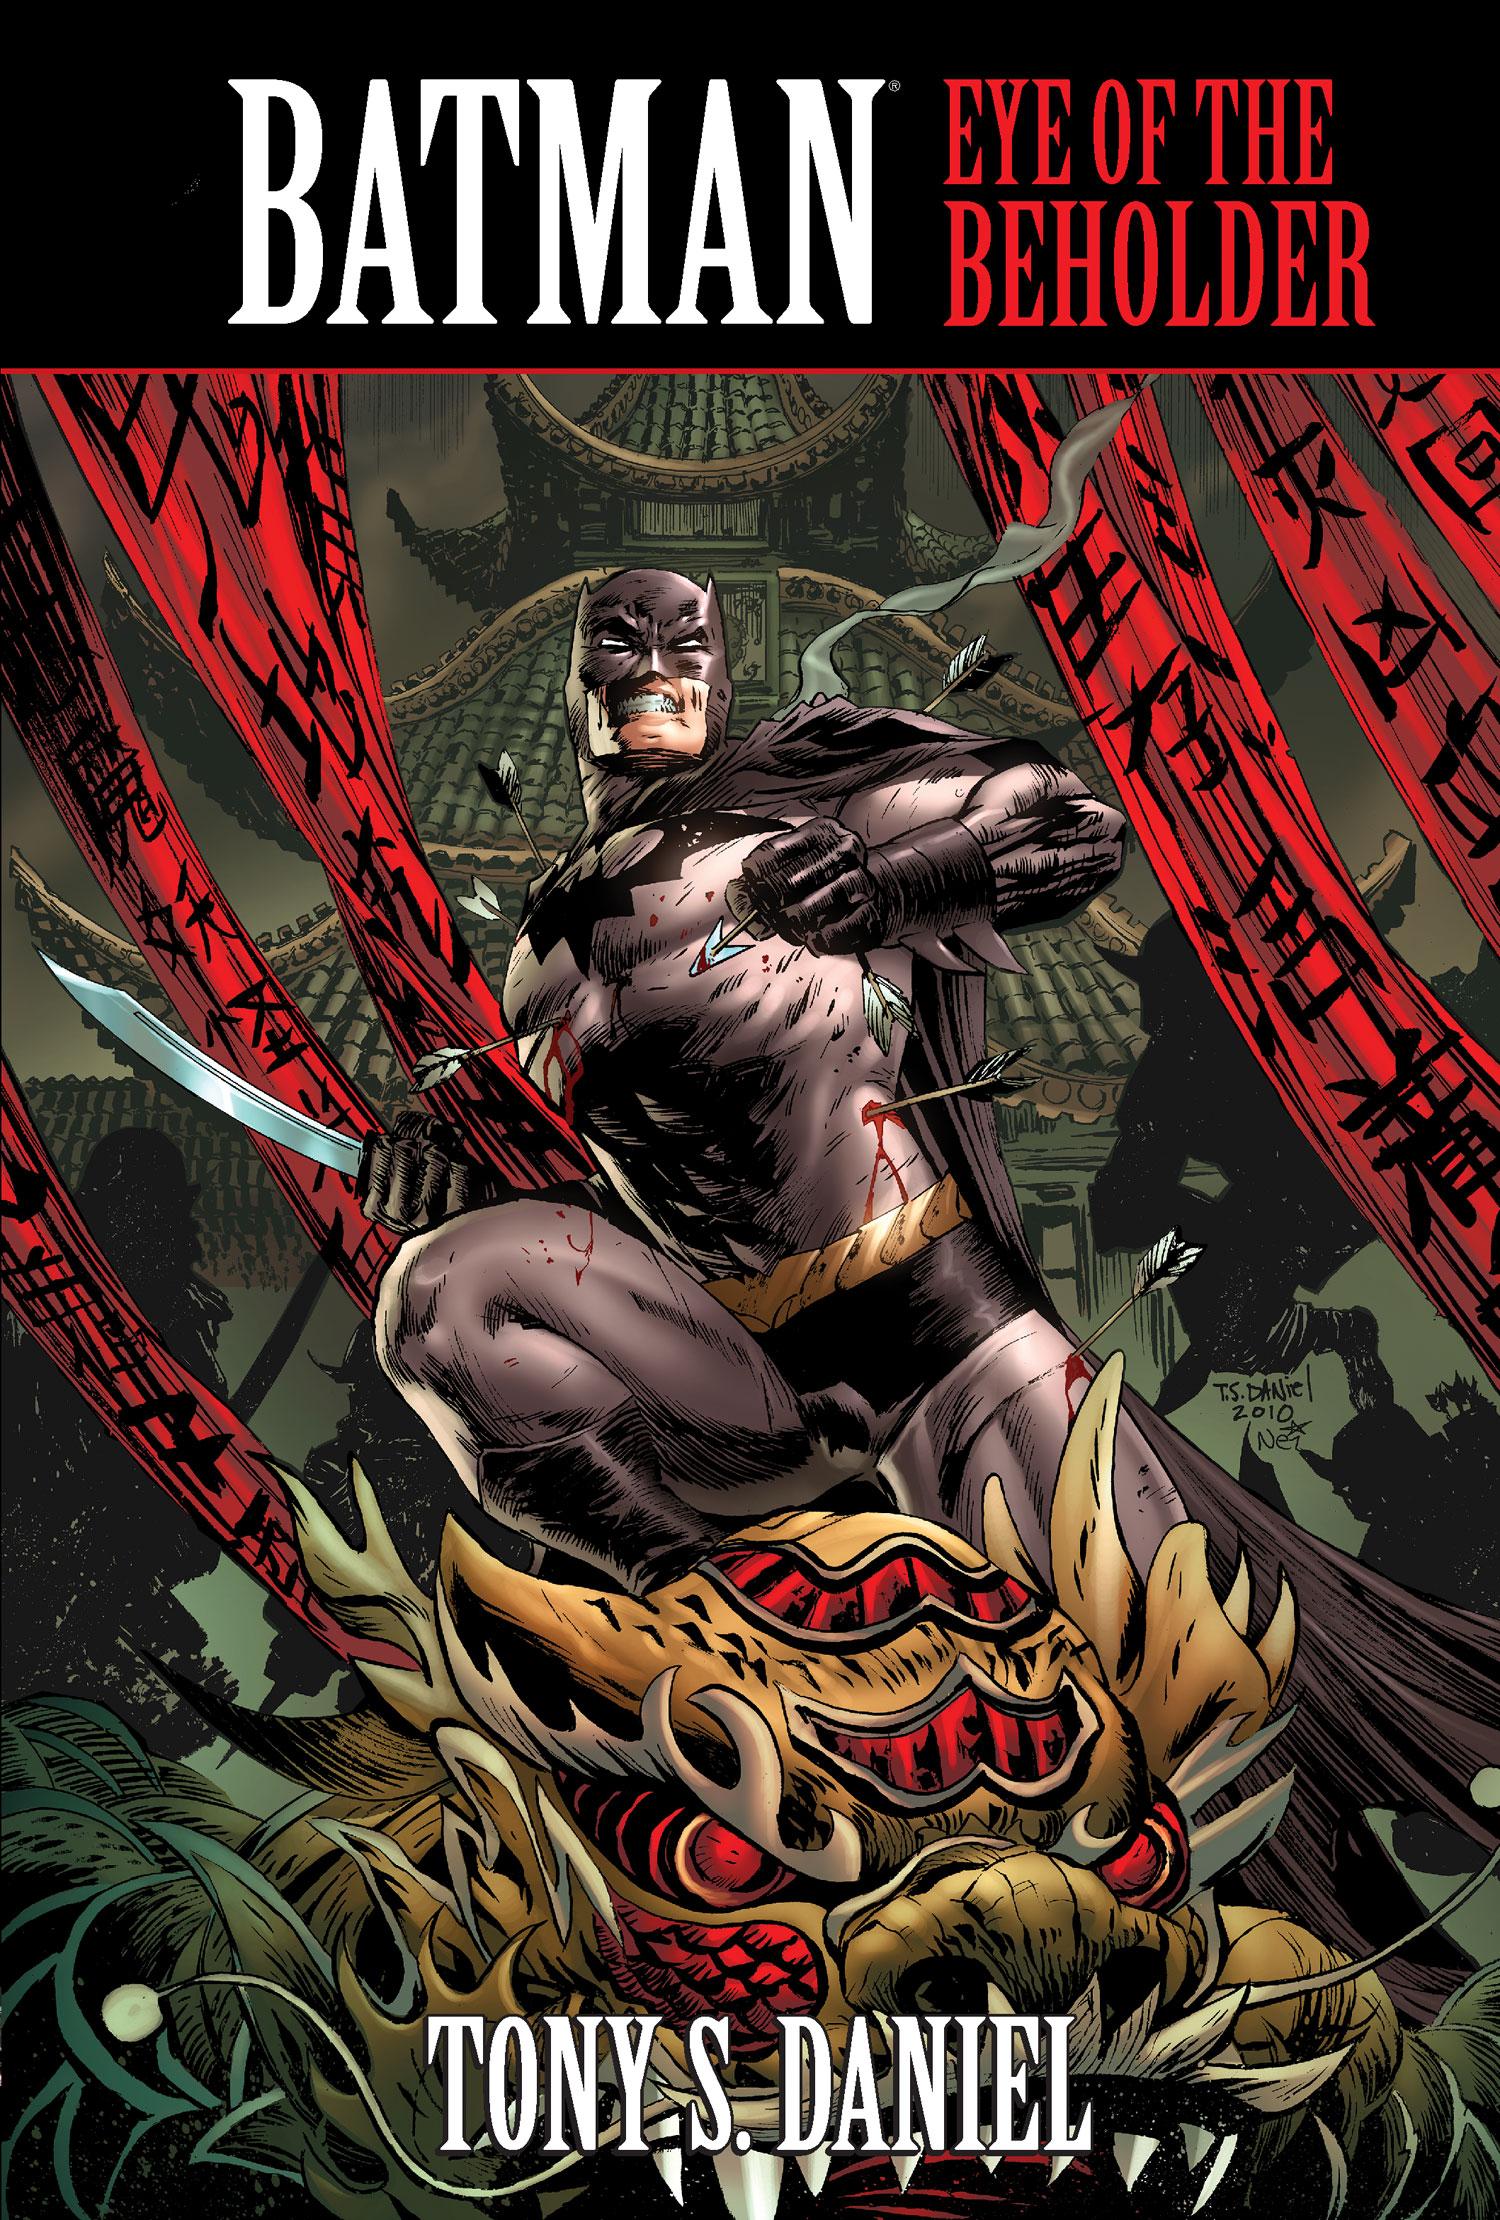 Batman Eye of The Beholder Cover For The Batman Eye of